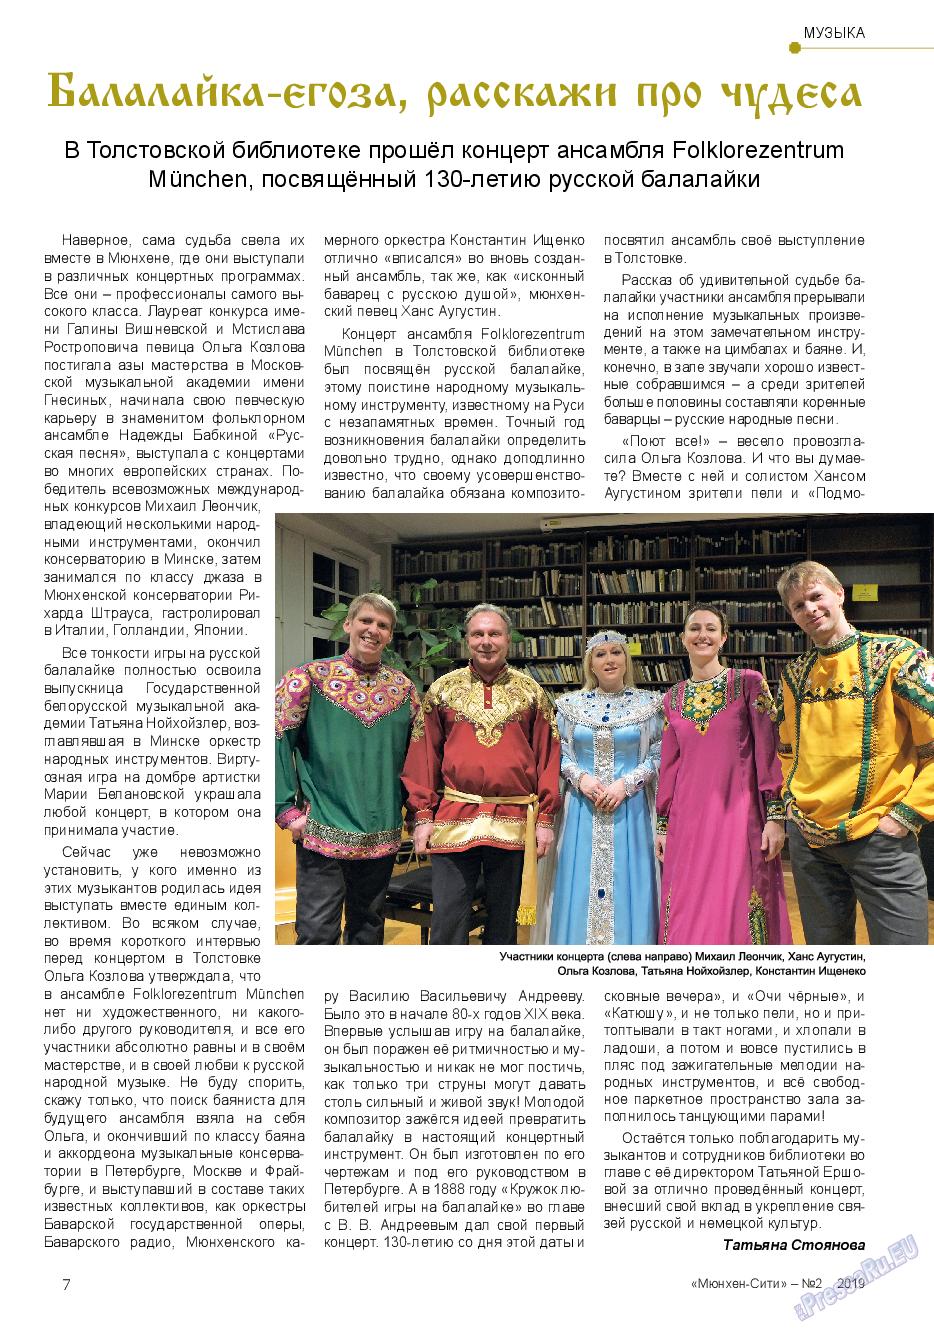 Мюнхен-сити (журнал). 2019 год, номер 90, стр. 7